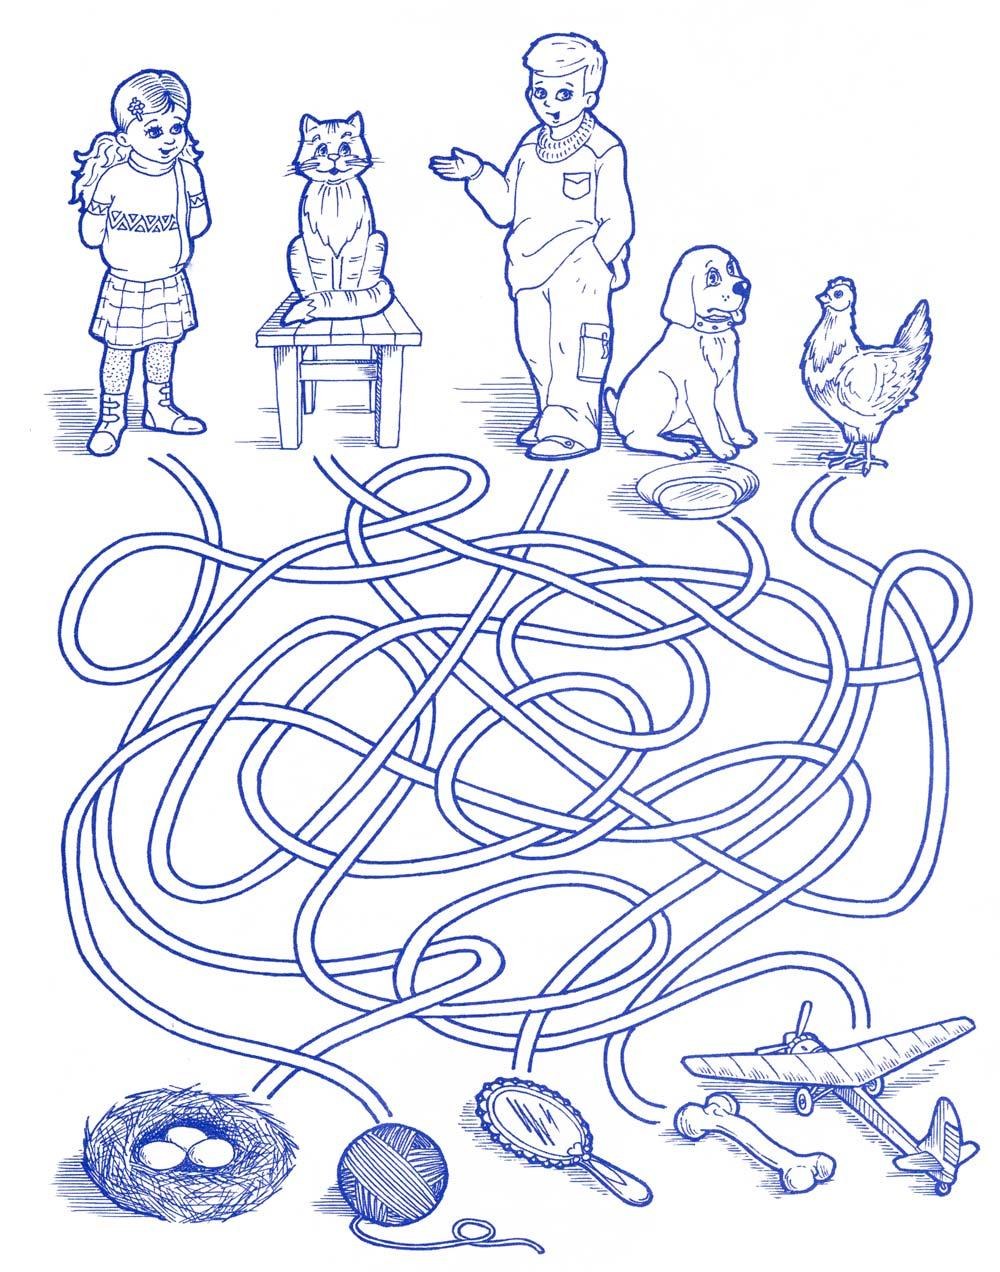 Раскраска по линиям для детей